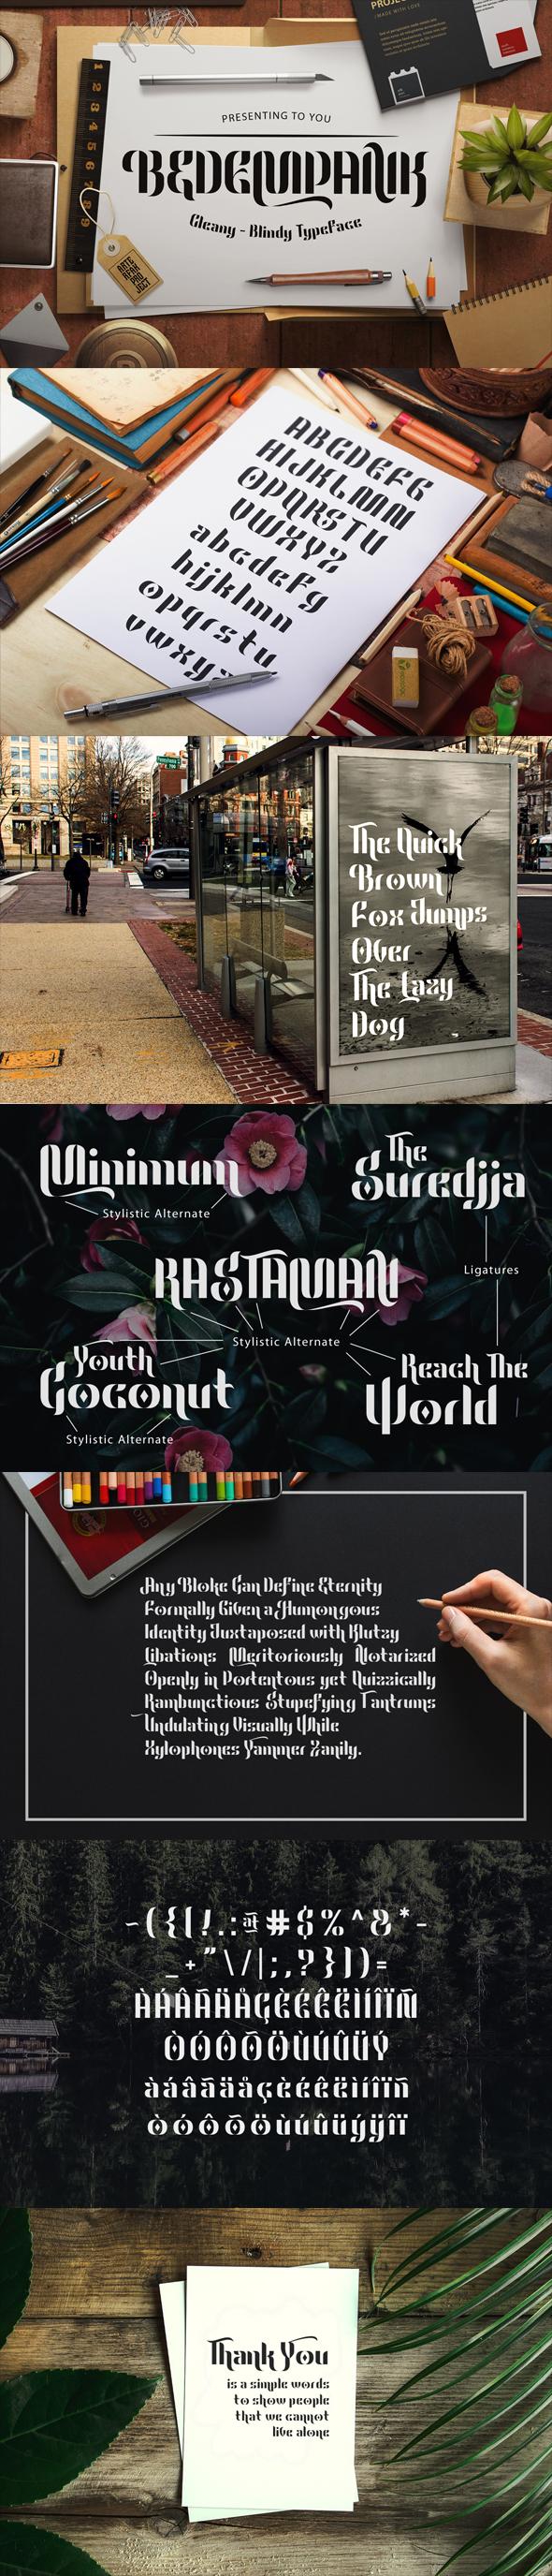 Bedempank Typeface - Miscellaneous Sans-Serif